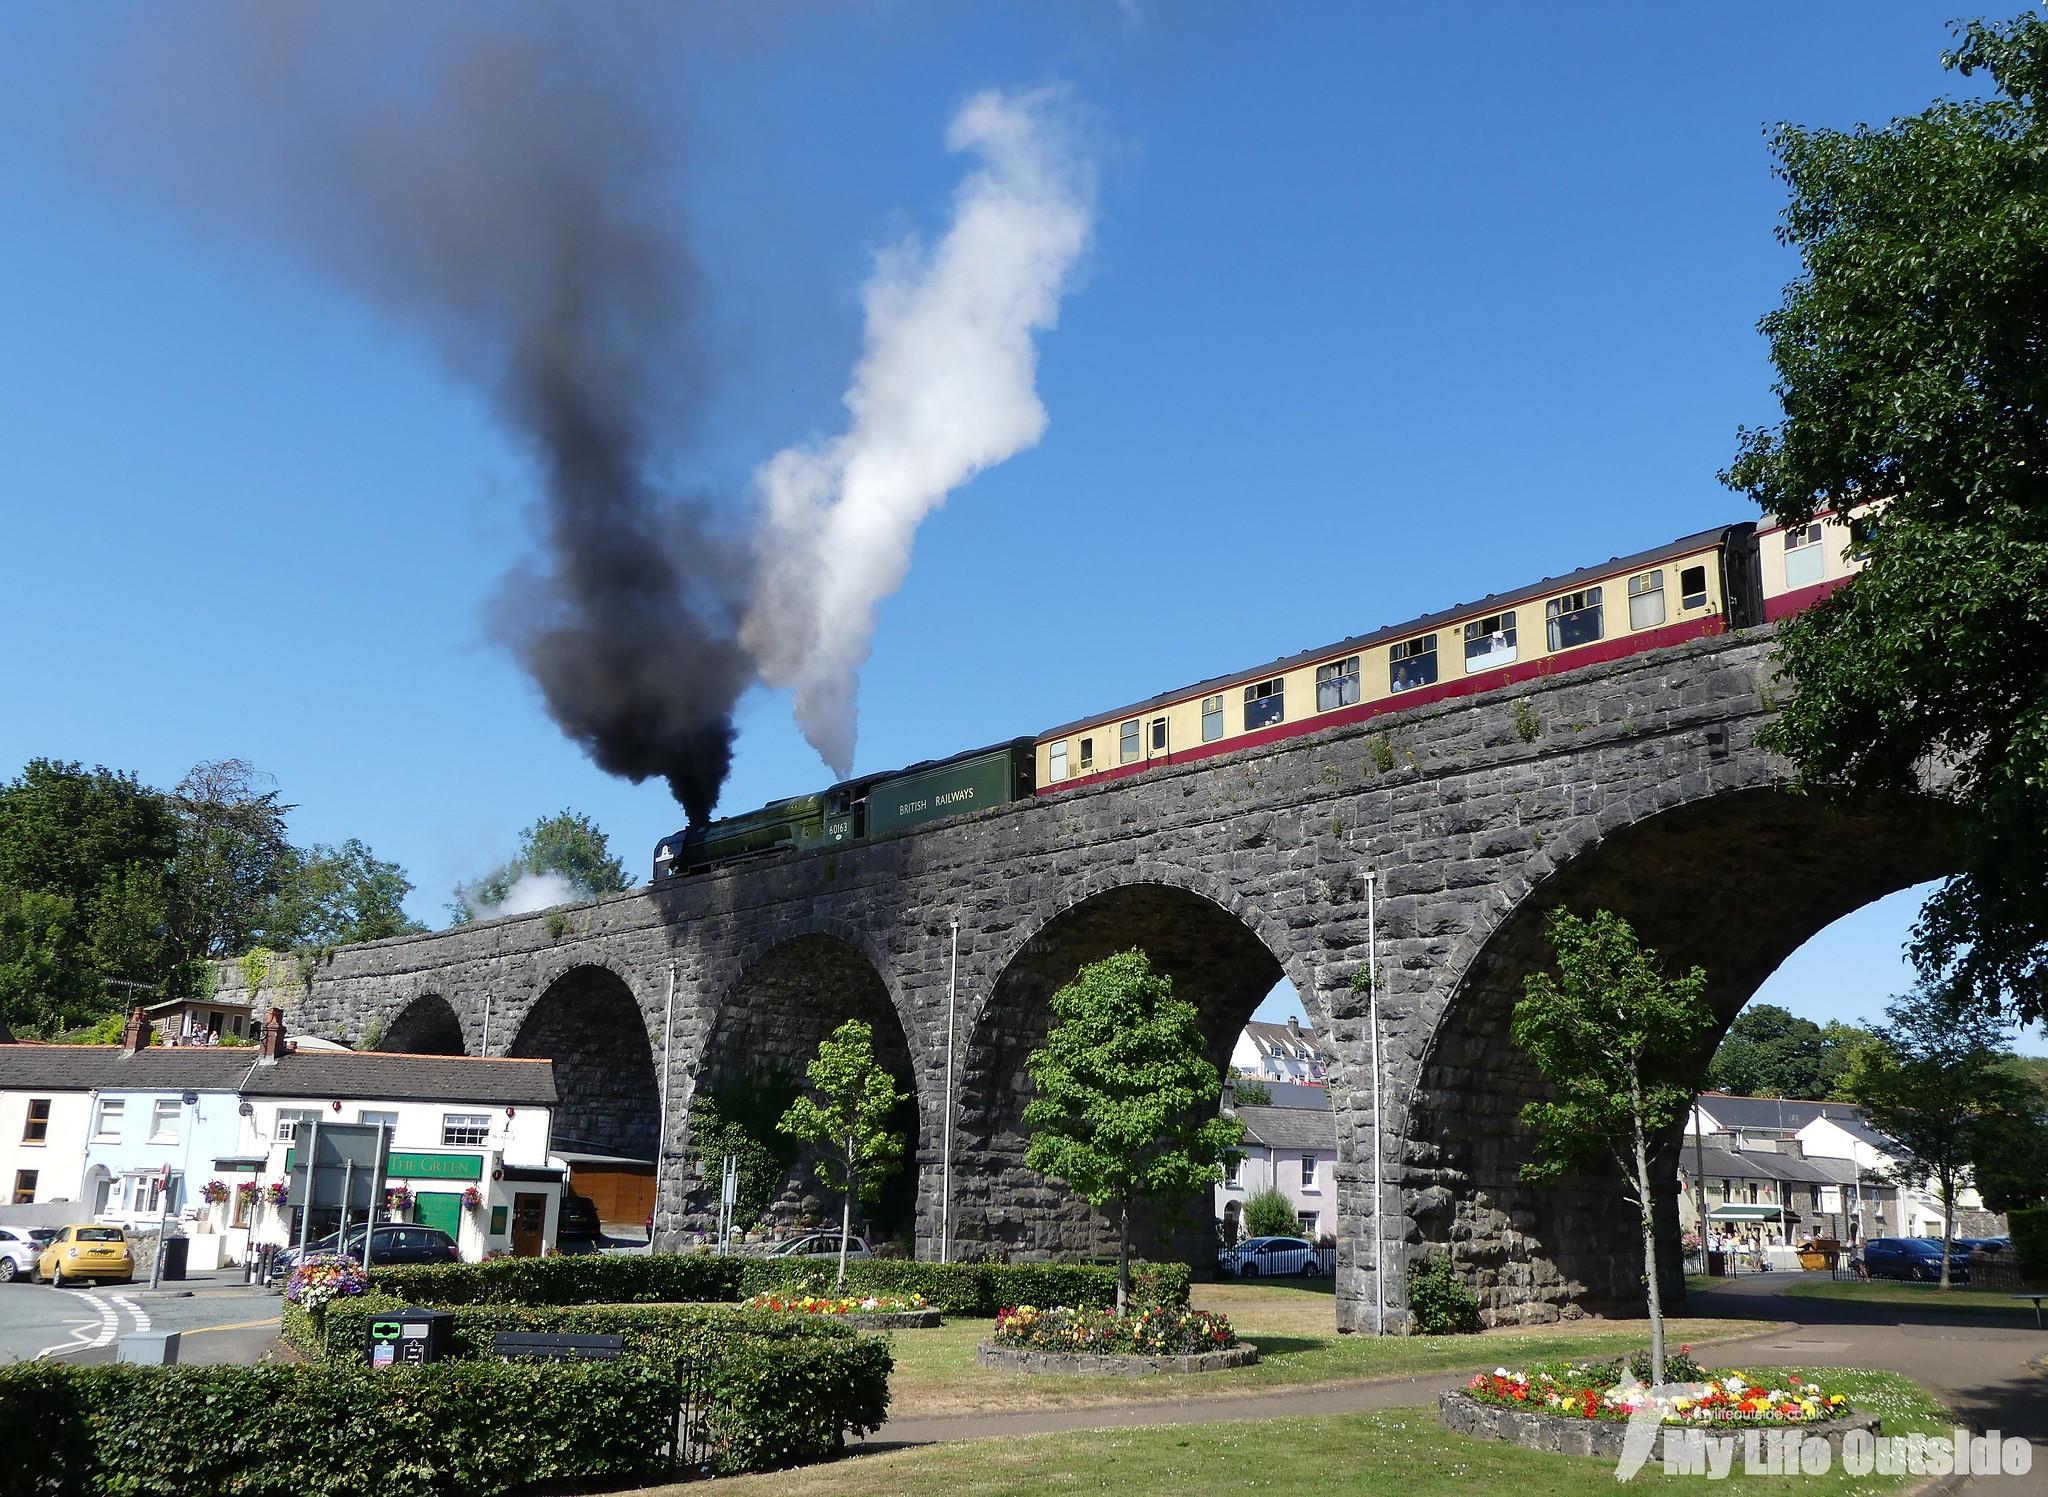 P1210464 - Pembroke Coast Express